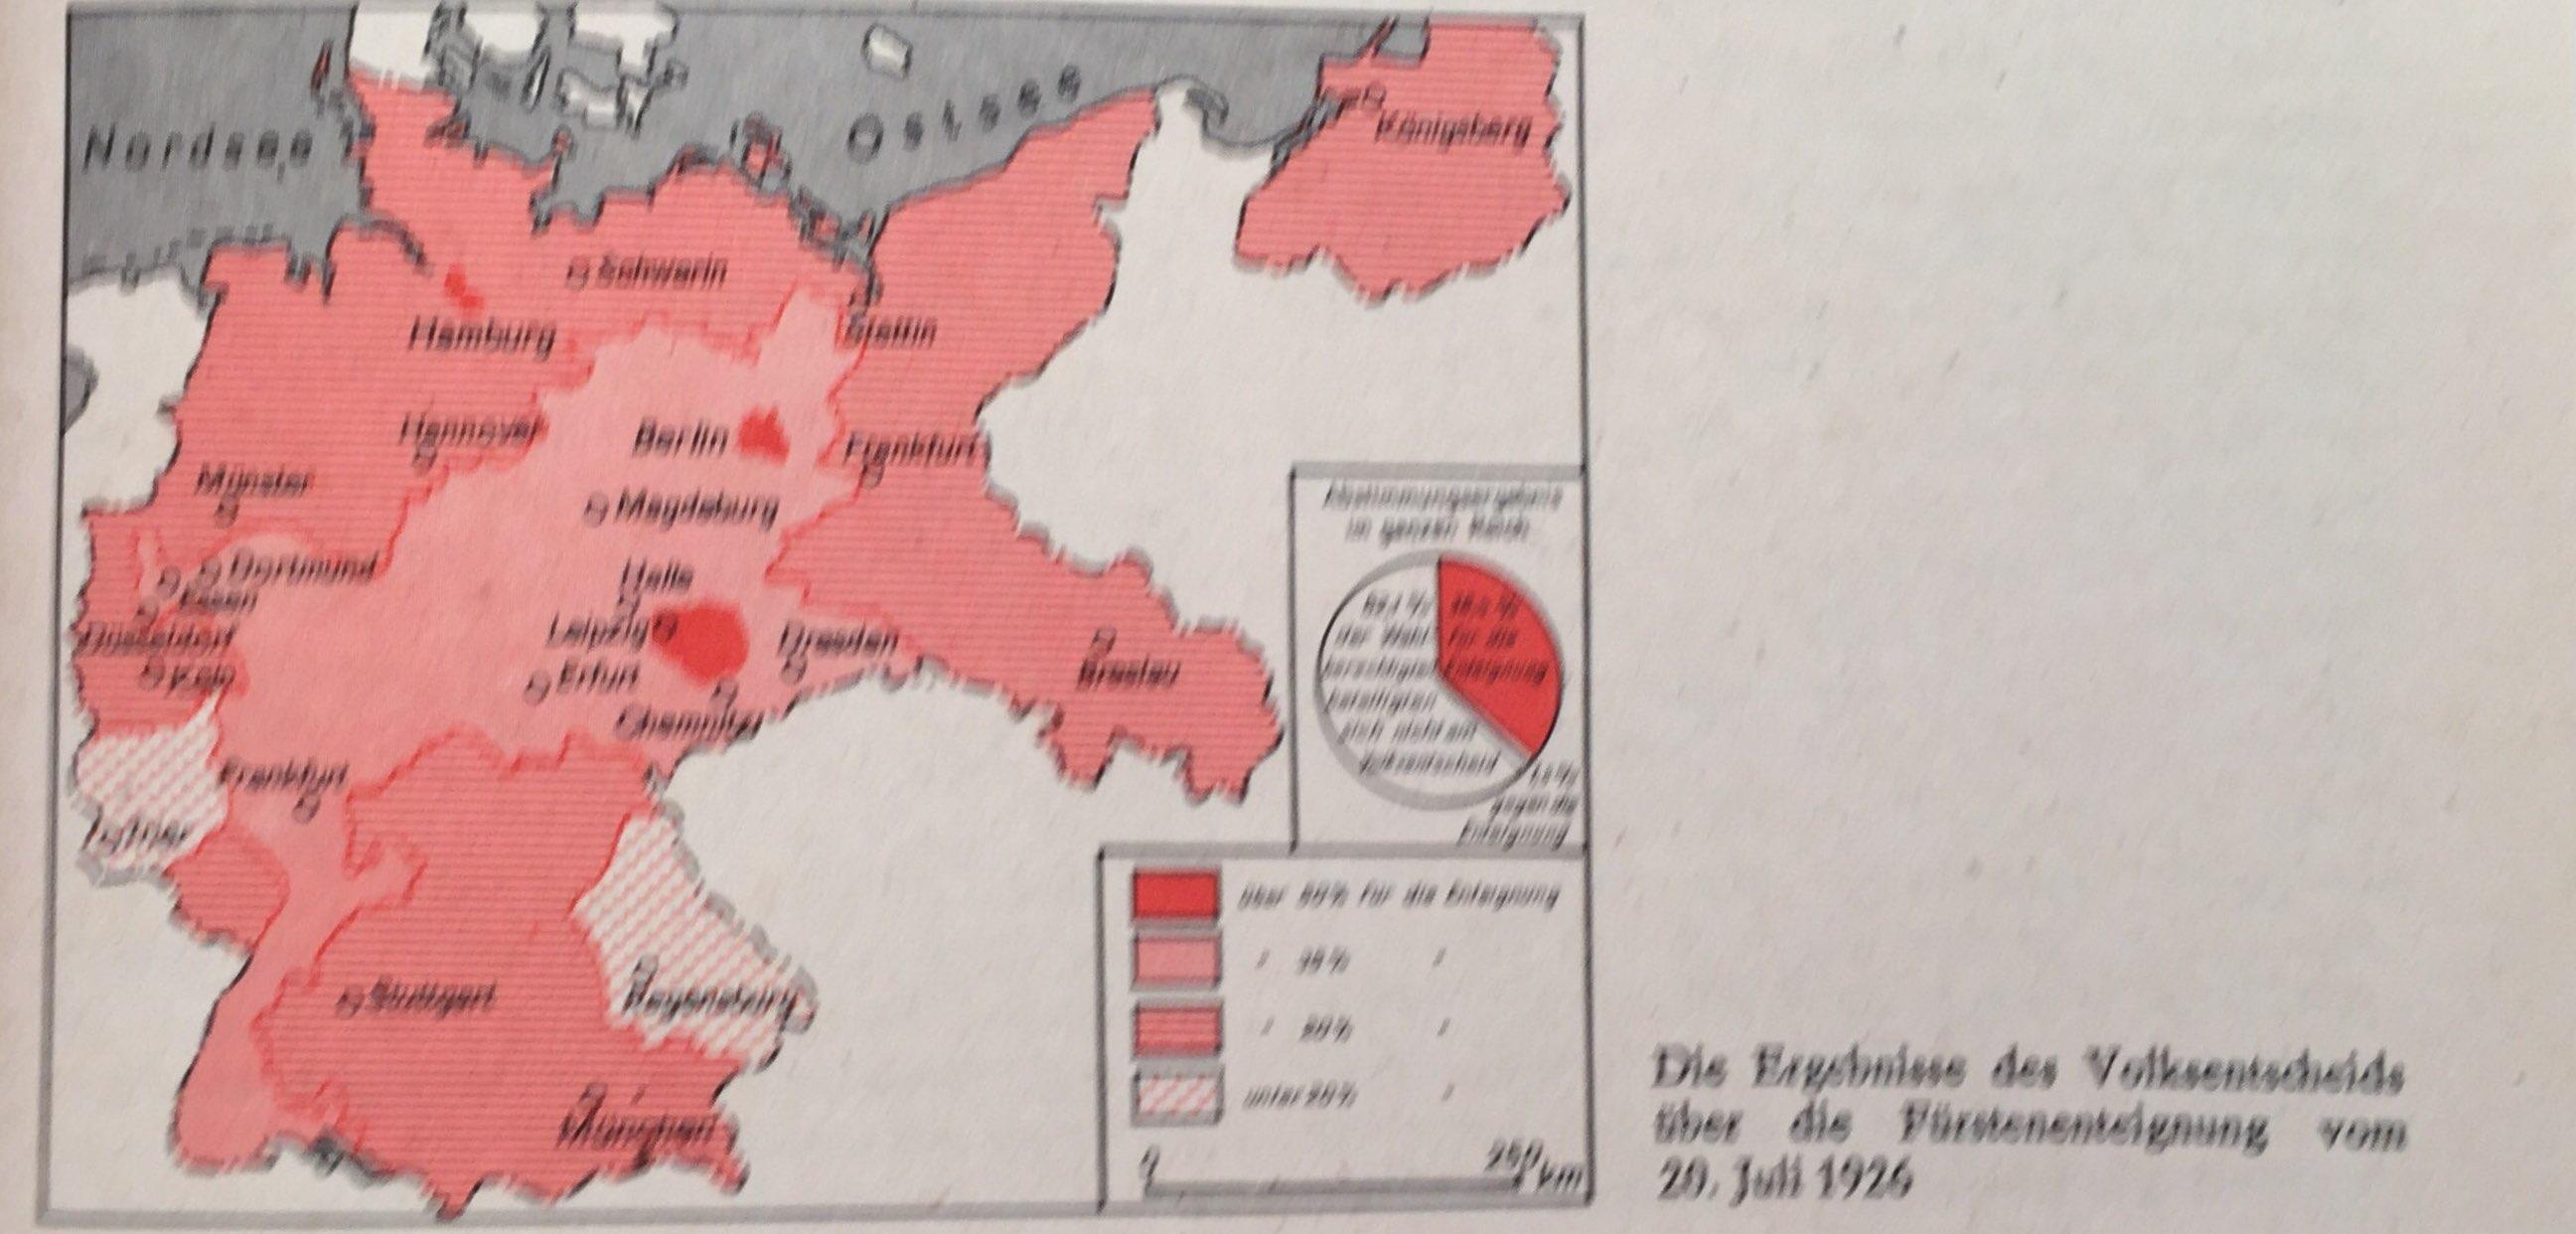 Ergebnisse Volksentscheid 20.Juli 1926